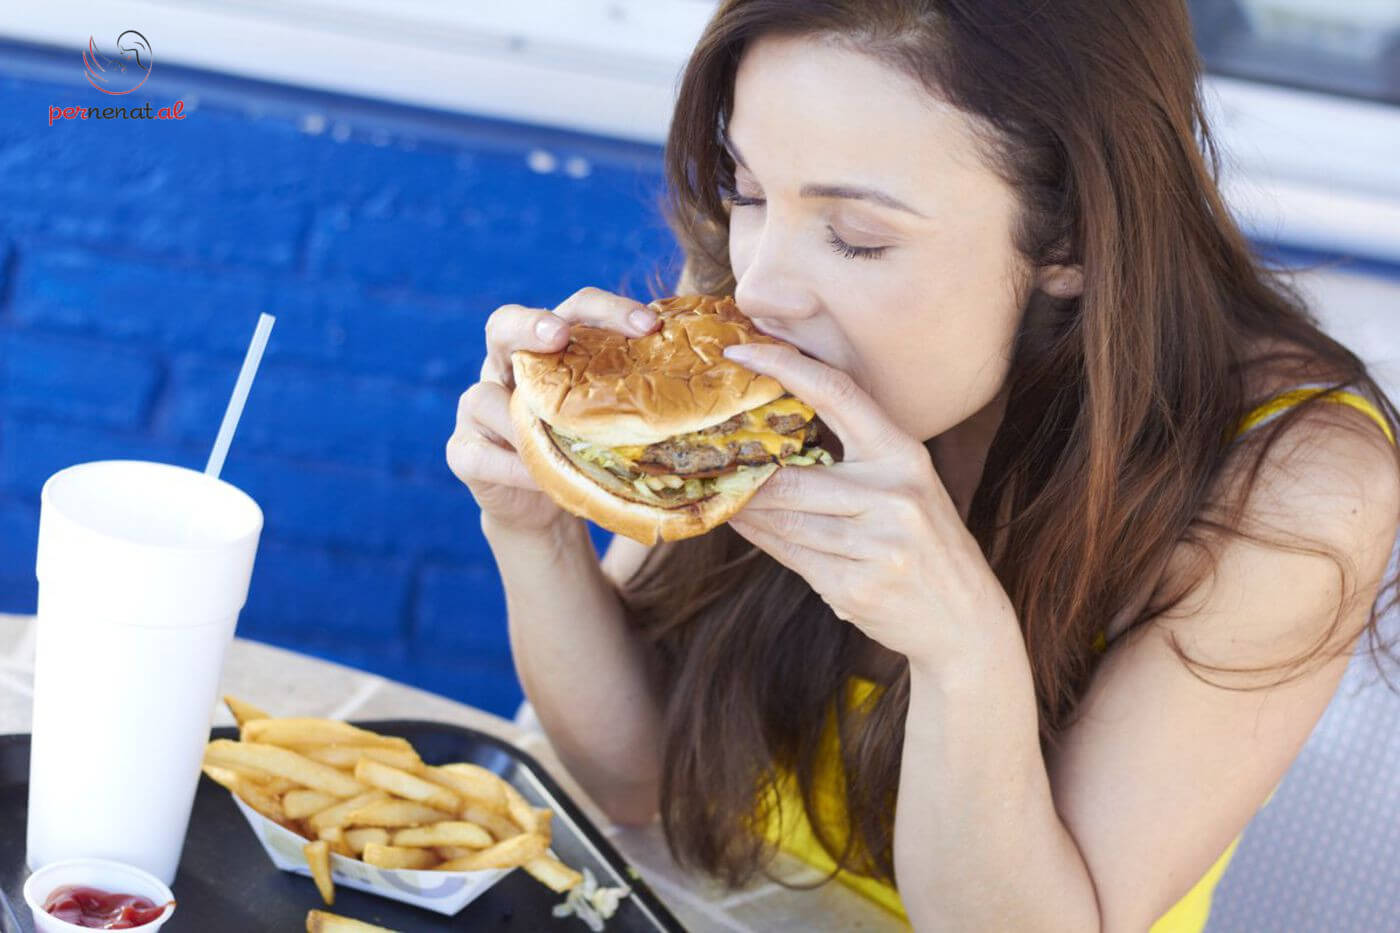 A duhet te shmanget ushqimi i rruges ne shtatzani?